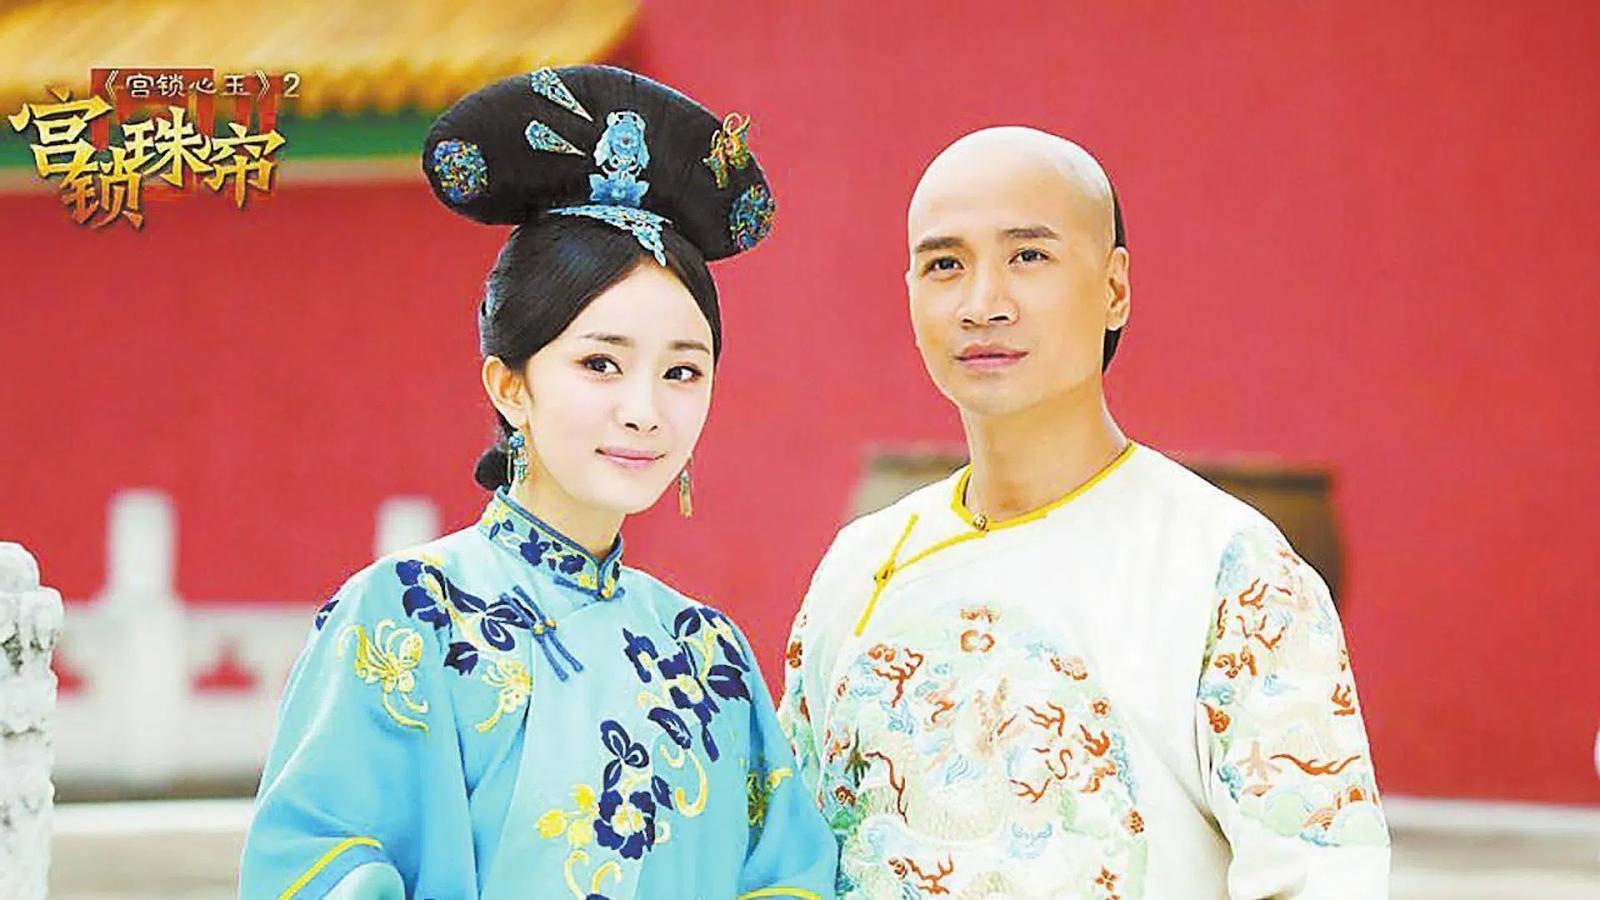 Cung Tỏa Tâm Ngọc là bộ phim xuyên không Trung Quốc hay